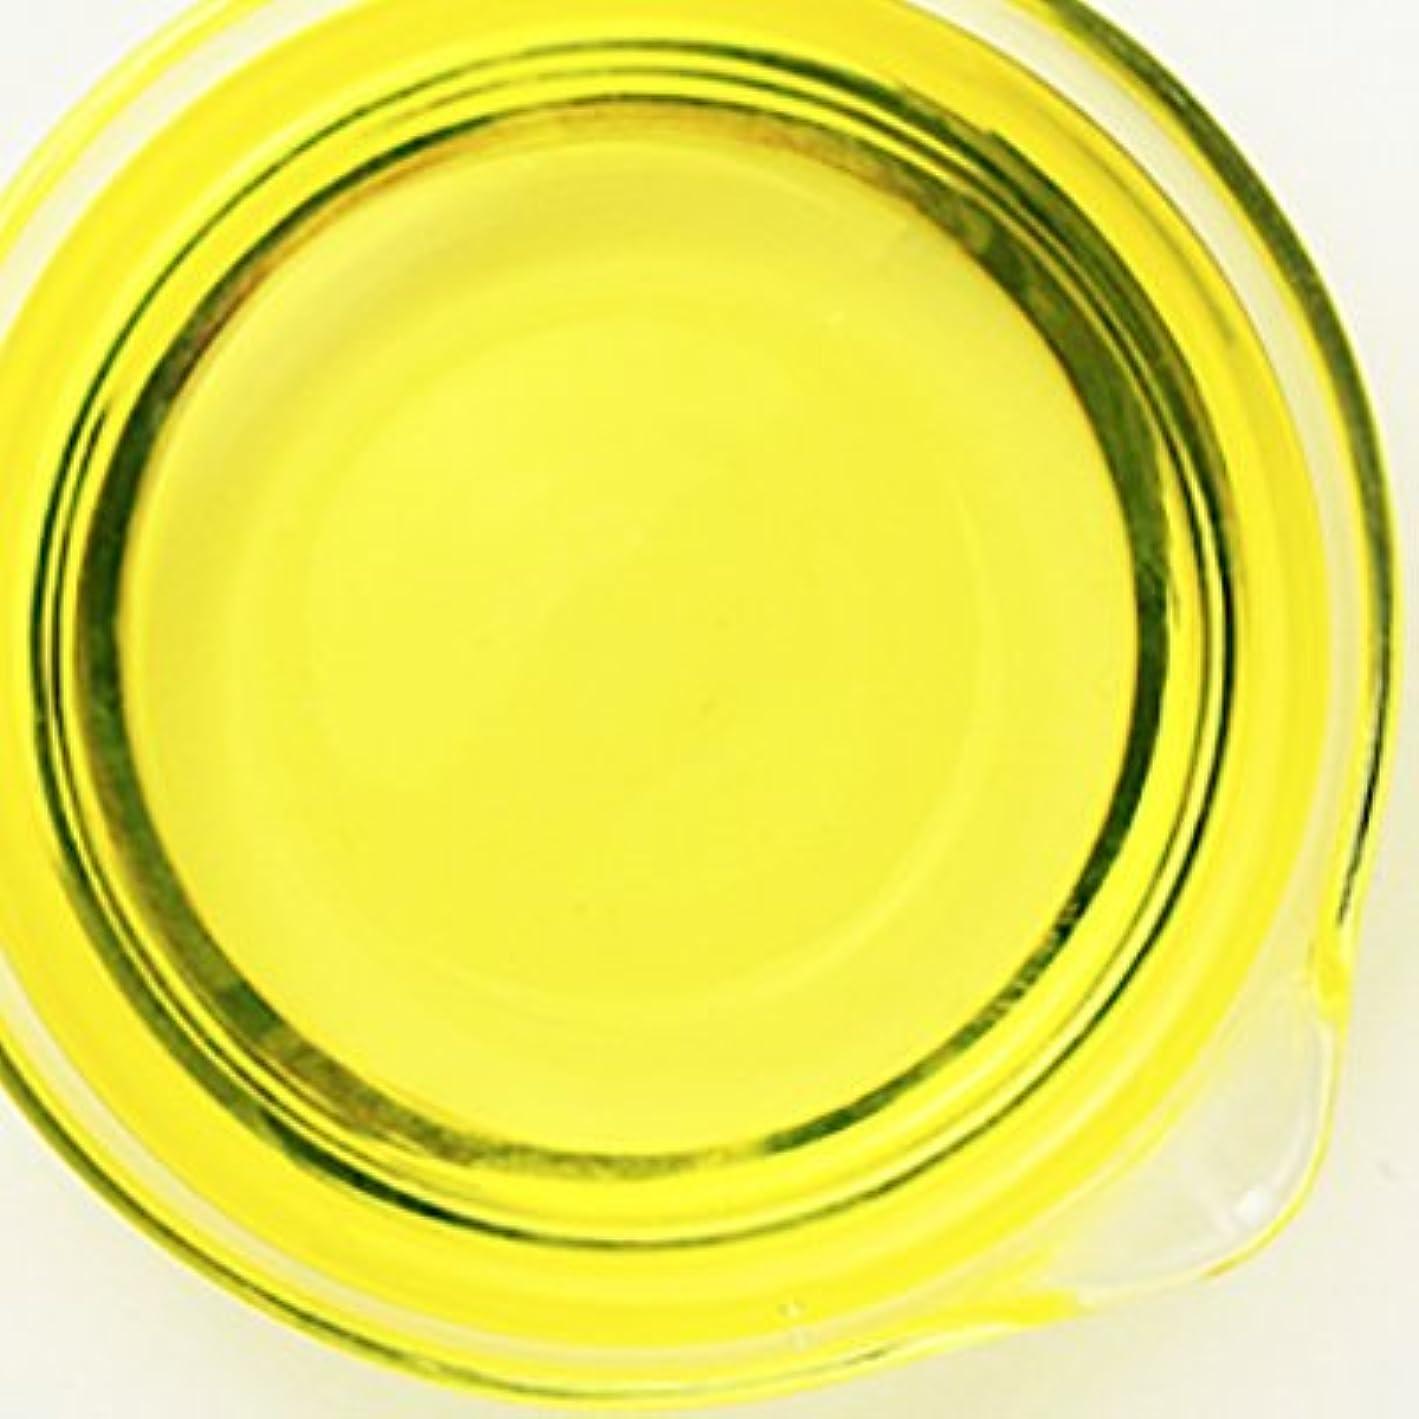 銀スクワイアトライアスリートポリソルベート 20 250ml 【乳化剤/手作りコスメ/手作り化粧品/アロマバス】